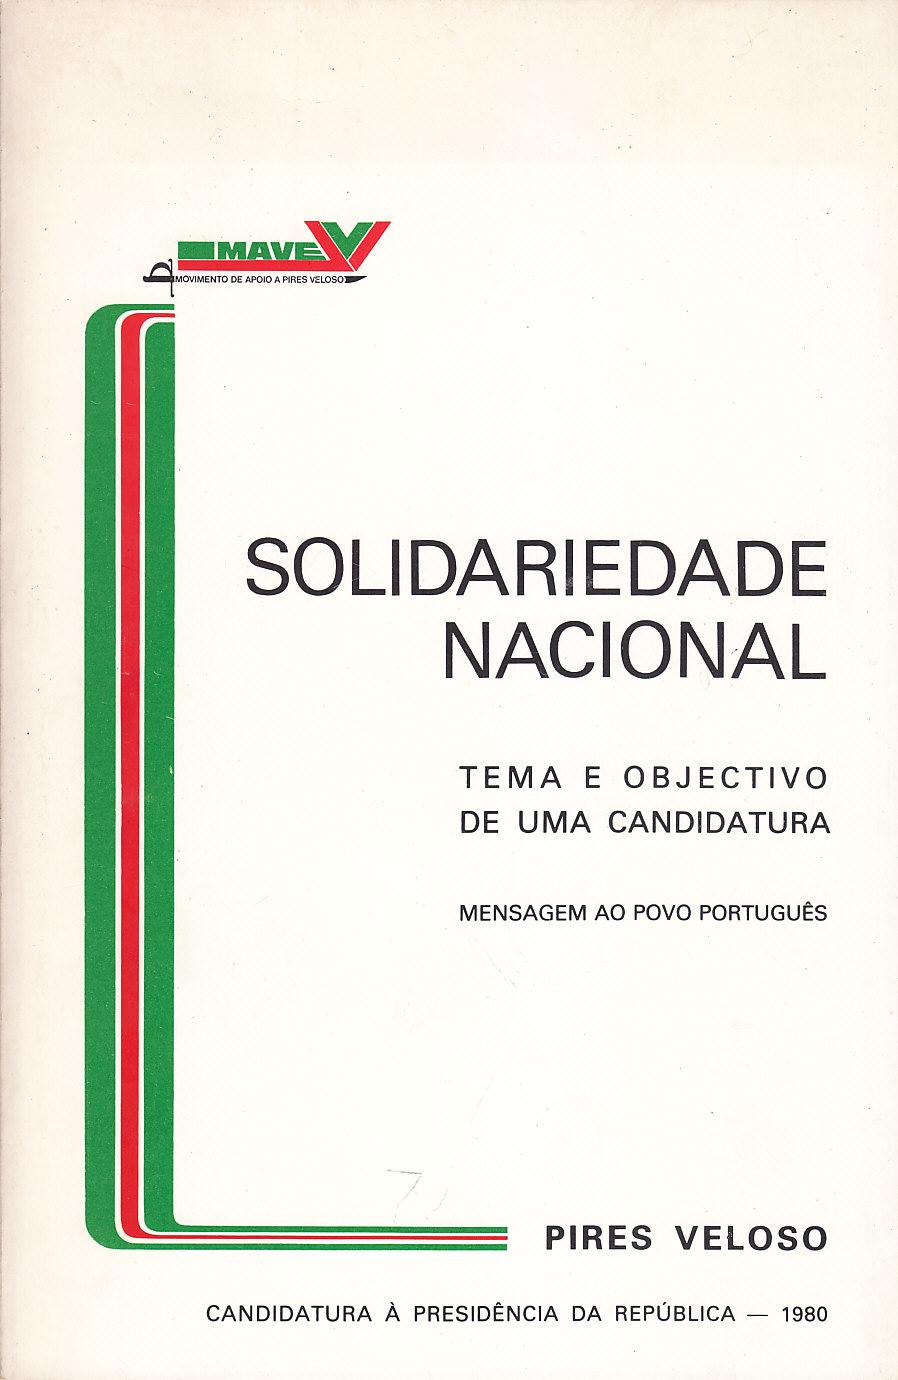 MAVE_1980_brochura